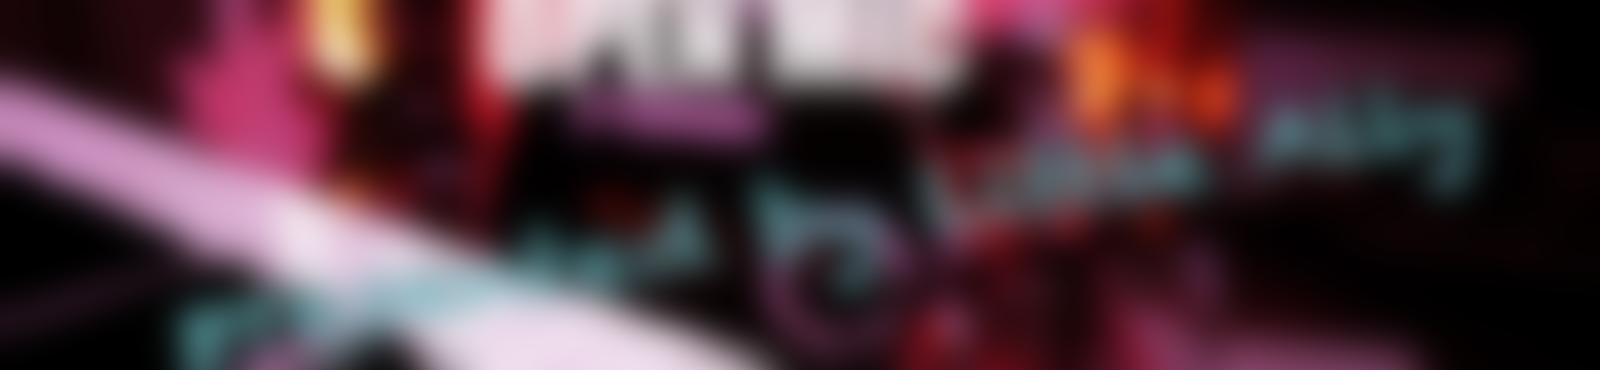 Blurred 41654851 eb47 4982 9d90 55d6d5b40837